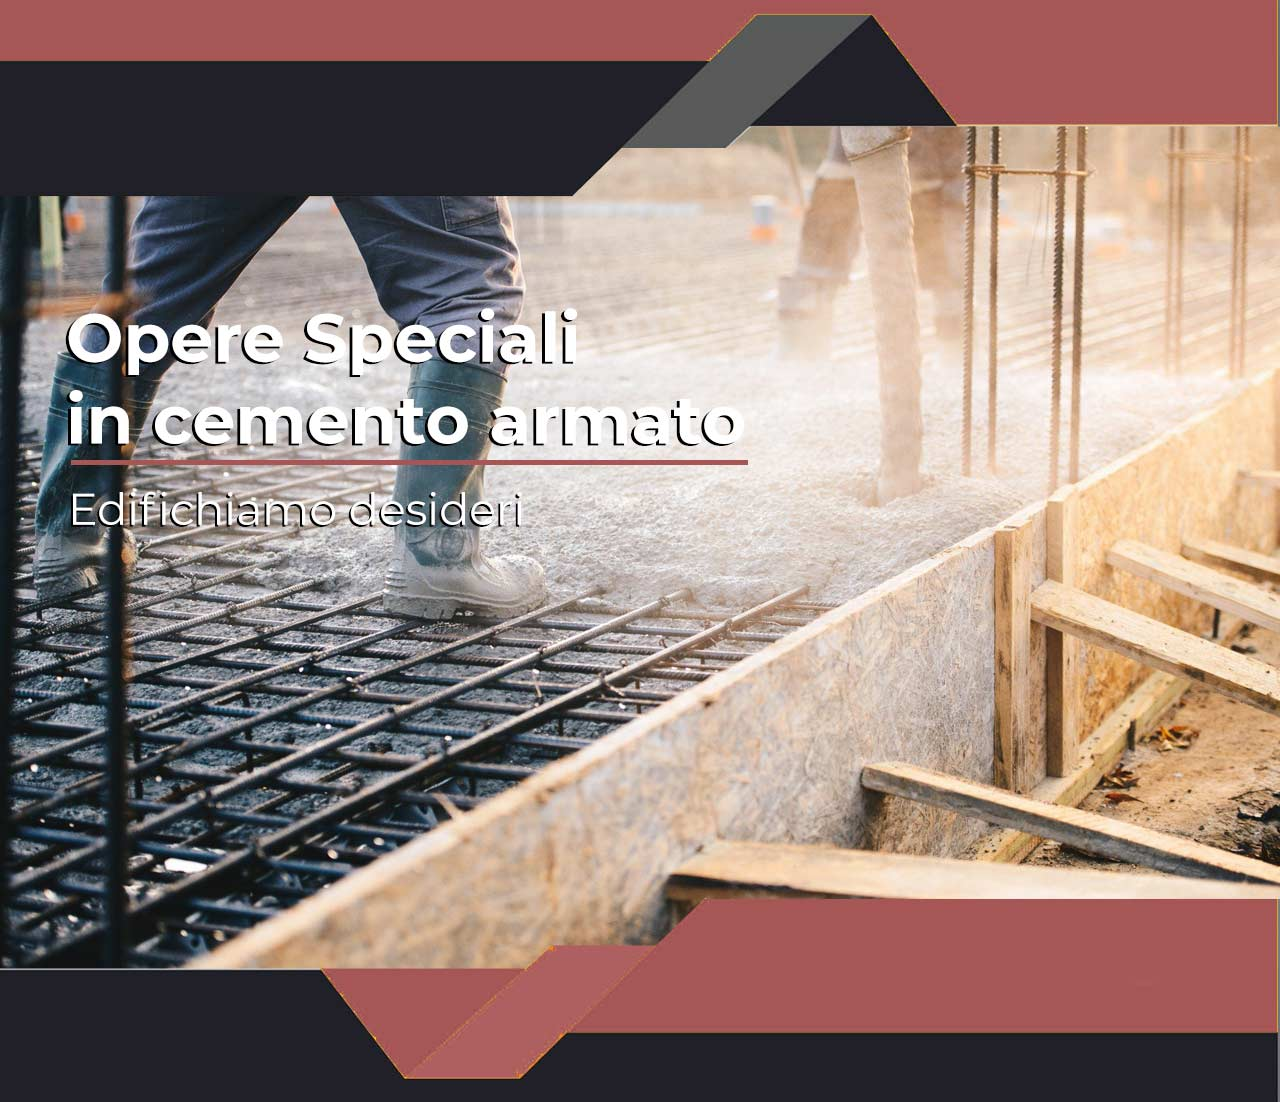 opere speciali in cemento armato